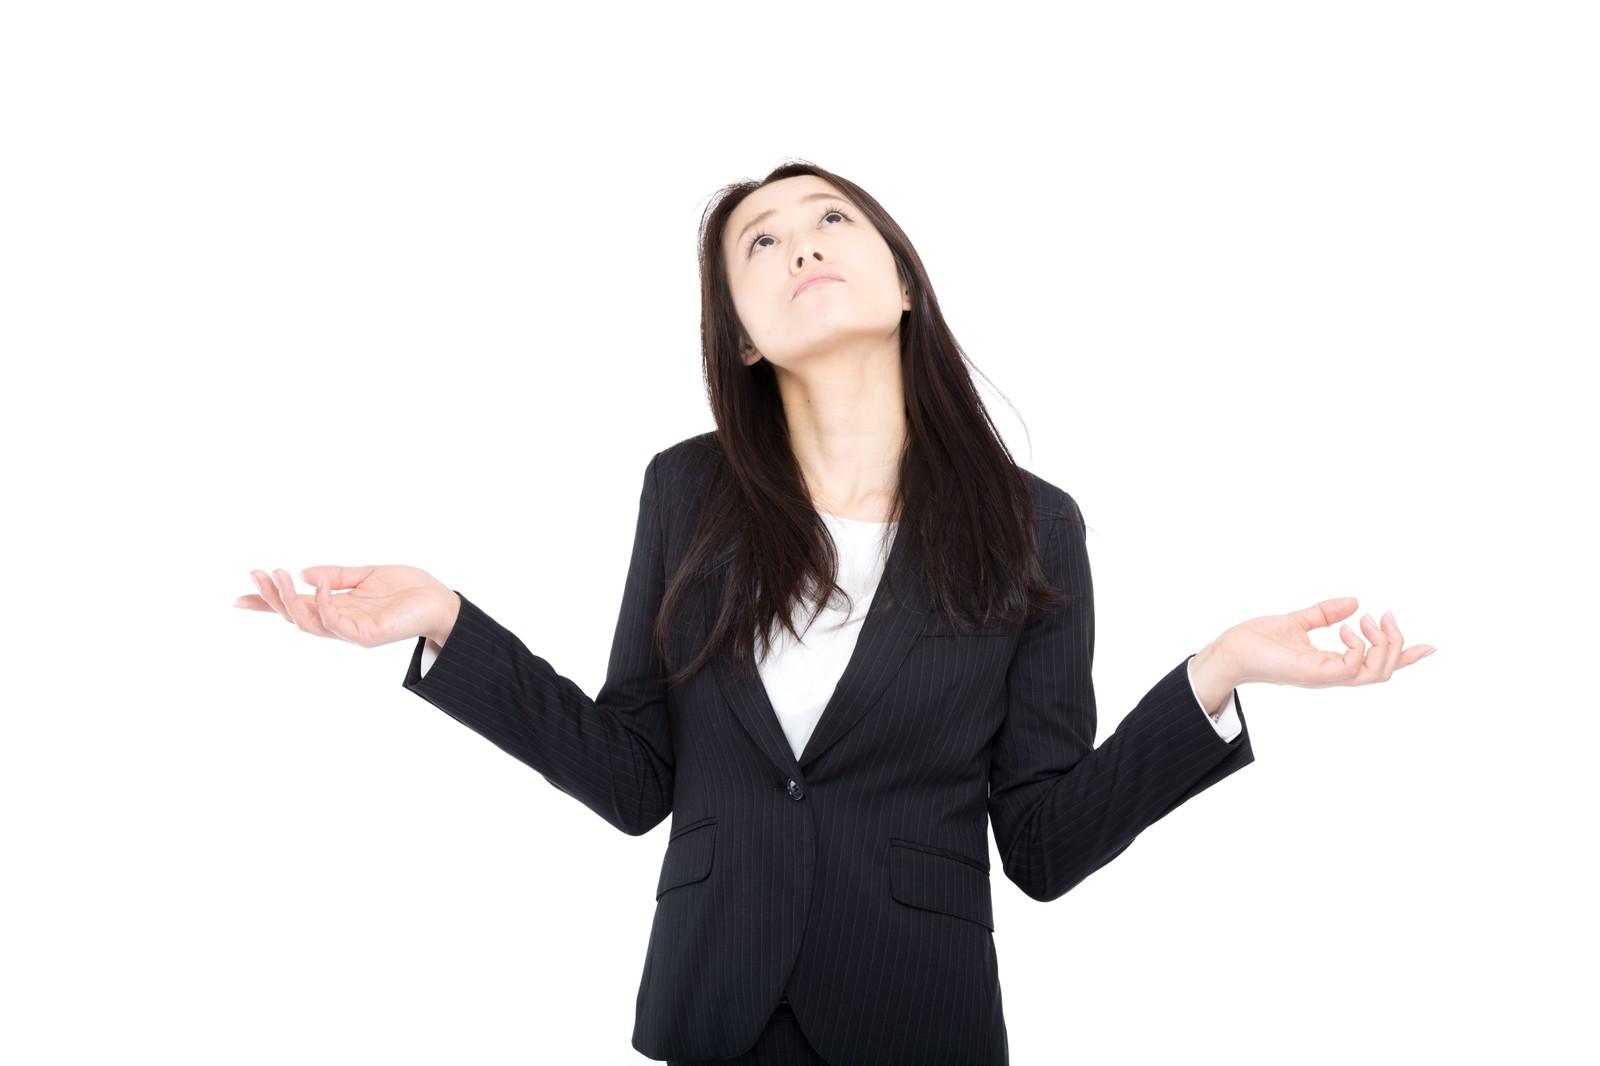 仕事を辞める人の割合や、仕事を辞めたい、転職したい理由ランキング